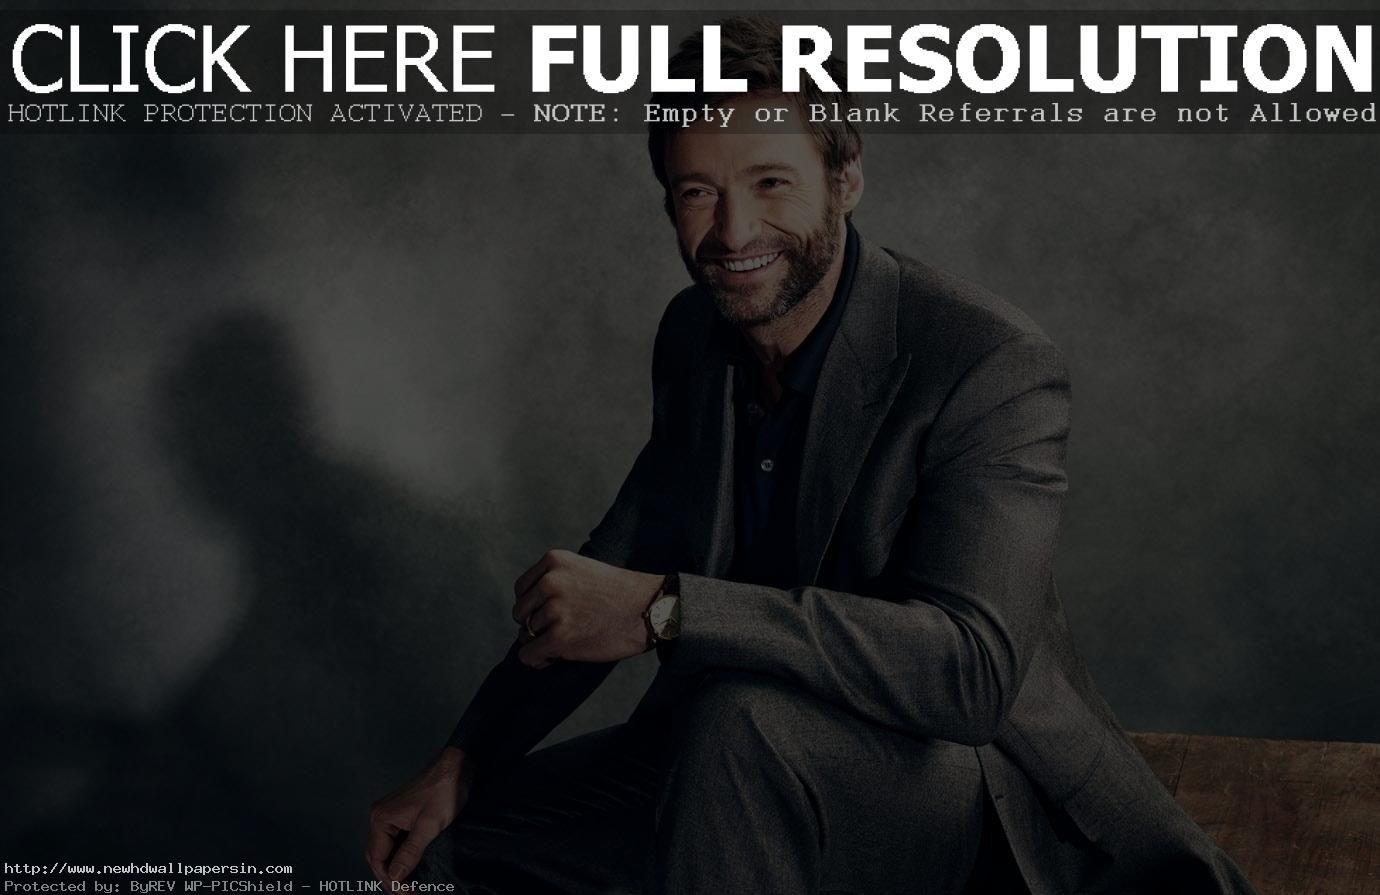 Hugh Jackman Wallpapers Group  1024×768 Hugh Jackman Wallpapers (56 Wallpapers) | Adorable Wallpapers